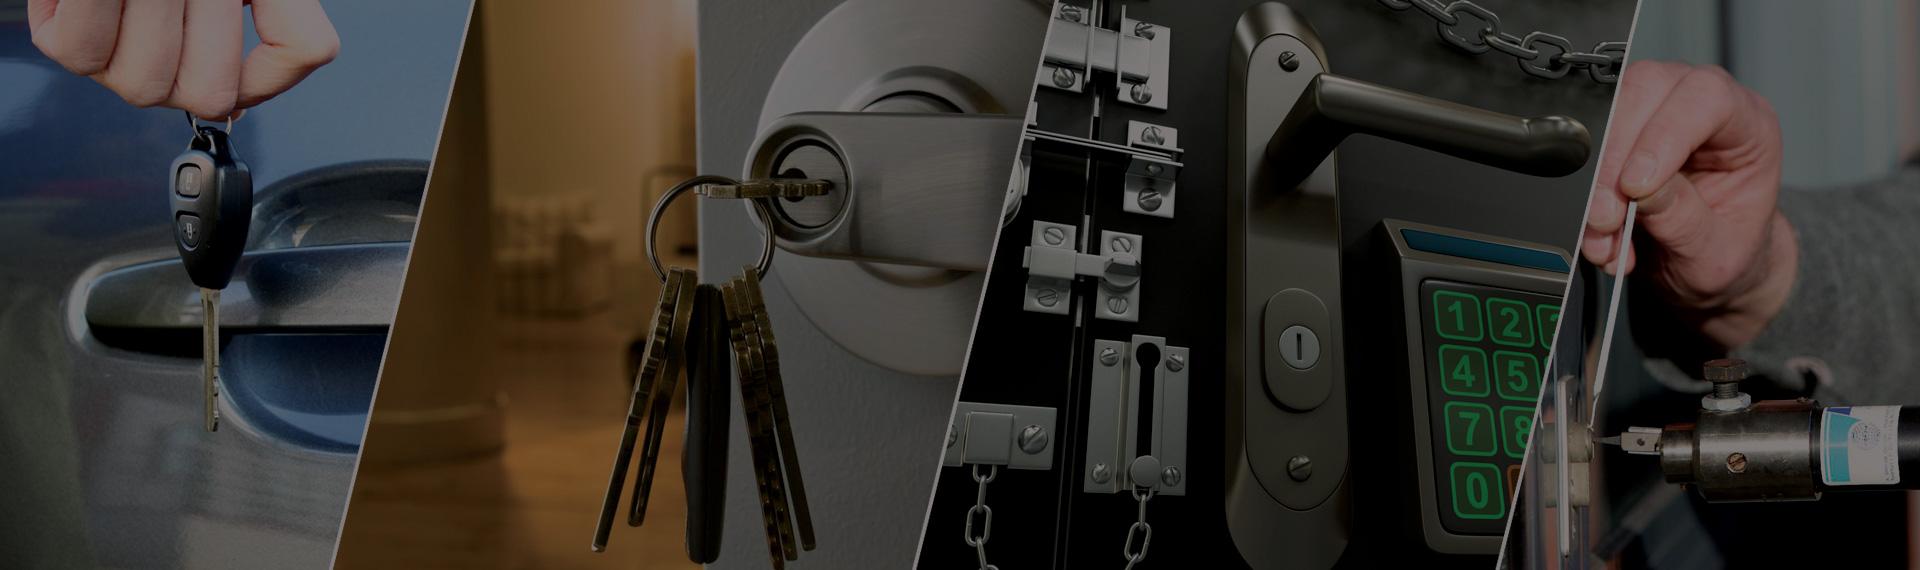 A 24 Hours Emergency Locksmith Rye NY